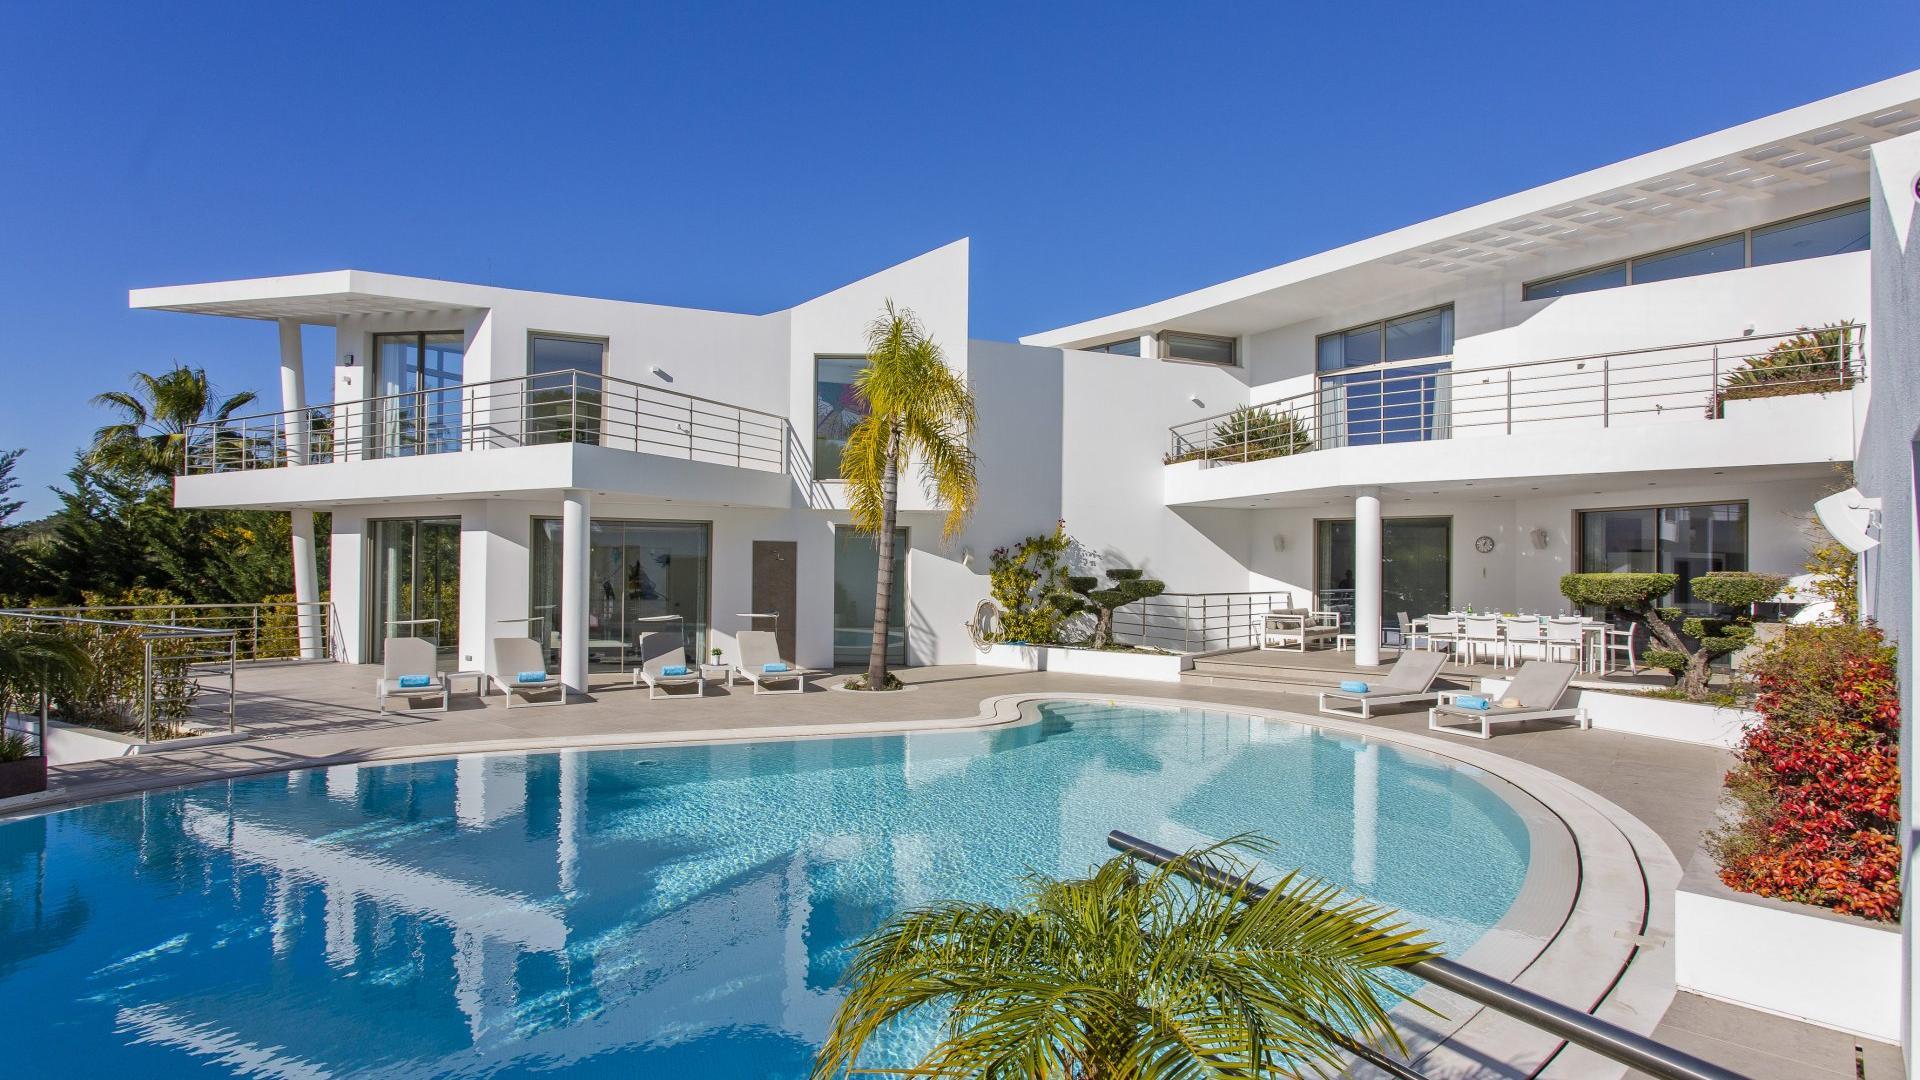 Villa Palm - Quinta do Lago, Algarve - _O5A1821_1.jpg